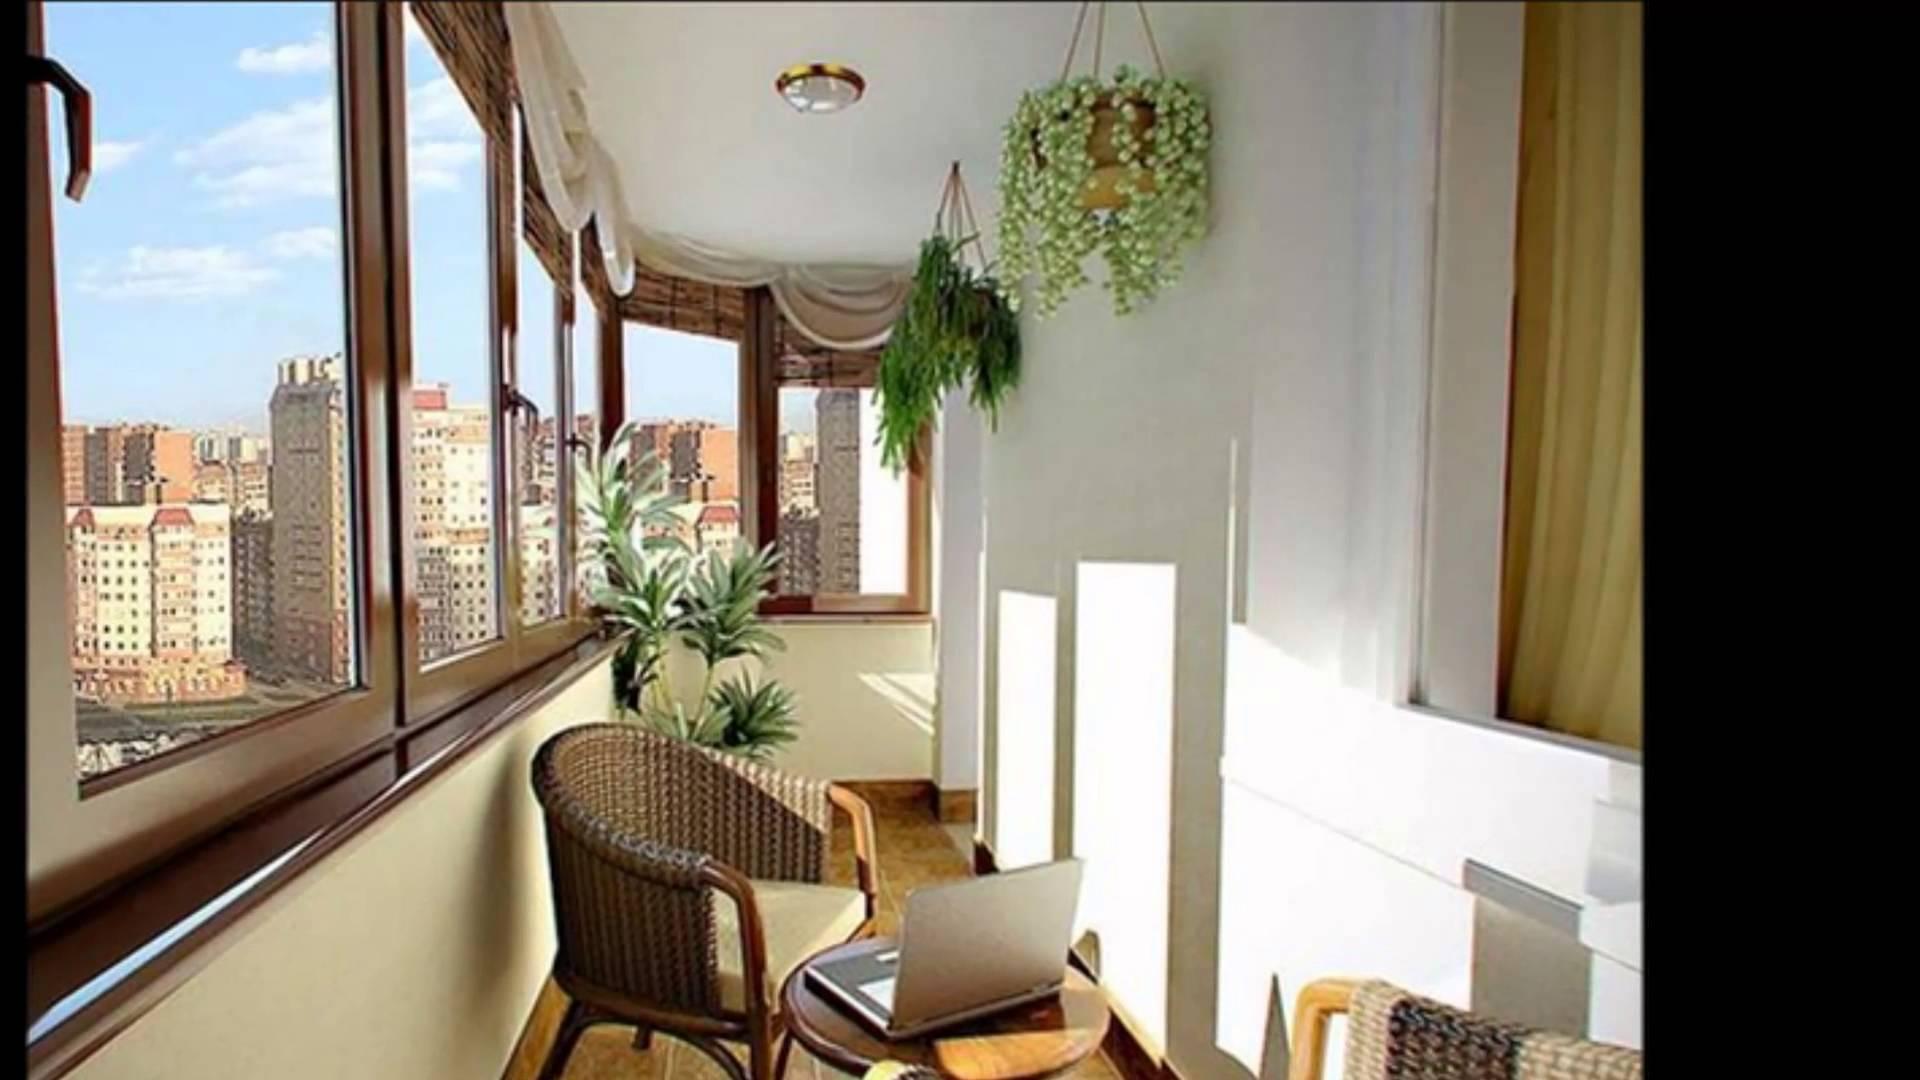 Дизайн балкона дизайн интерьера лоджии в минске цены на диза.